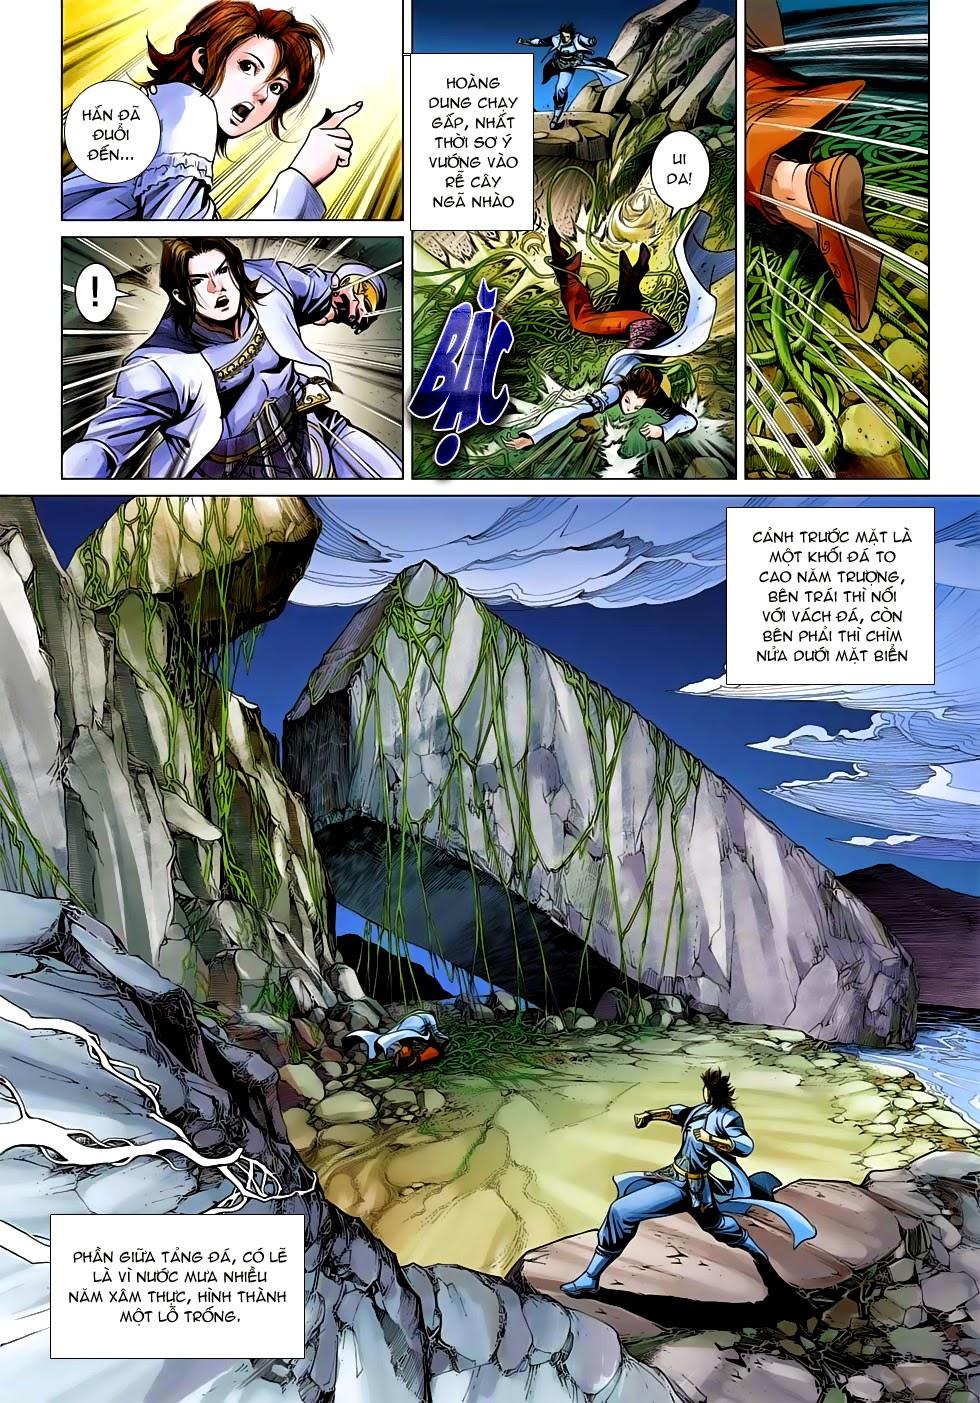 Anh Hùng Xạ Điêu anh hùng xạ đêu chap 54: kiếp hậu dư sinh thiến nữ kỳ mưu trang 12